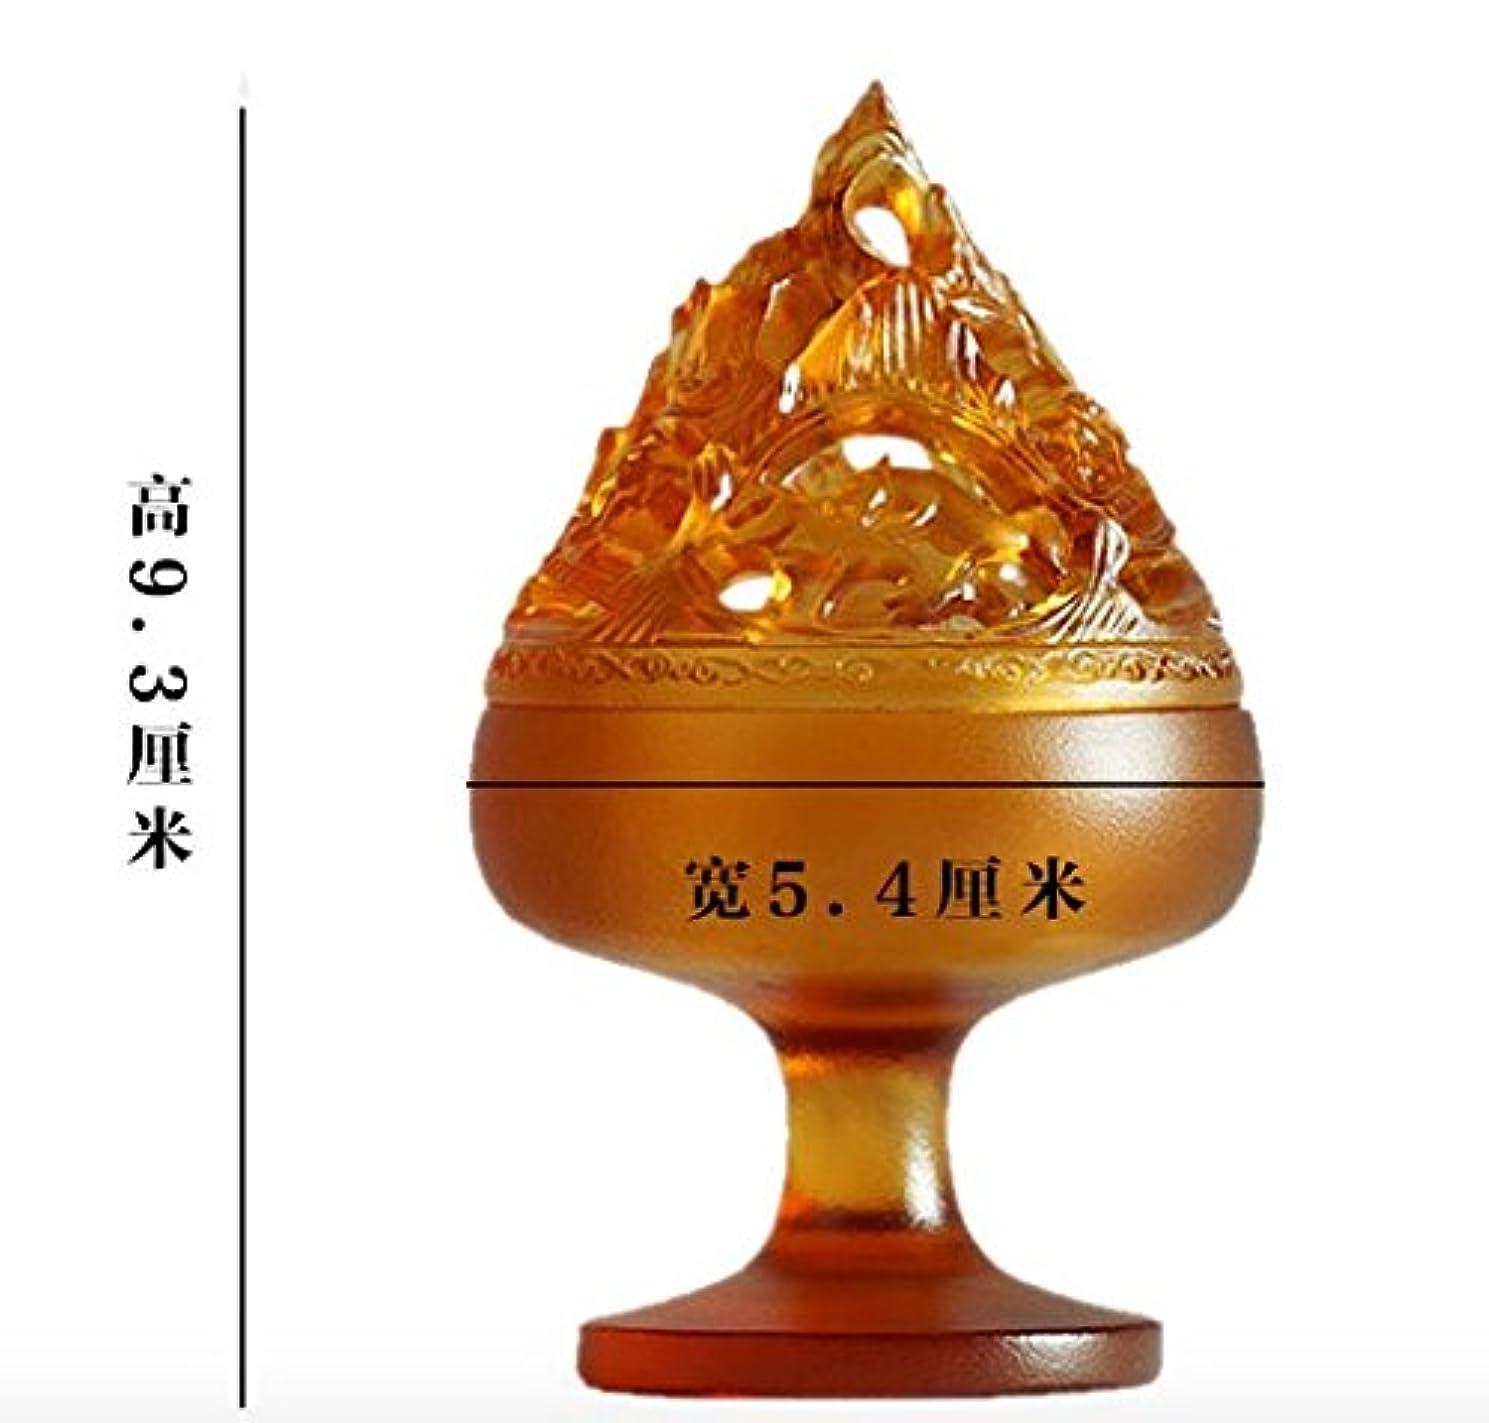 ポルティコ警告山岳【Lenni】仿古博山炉 香道 博物館模倣 瑠璃アロマ香炉 沉香熏香炉